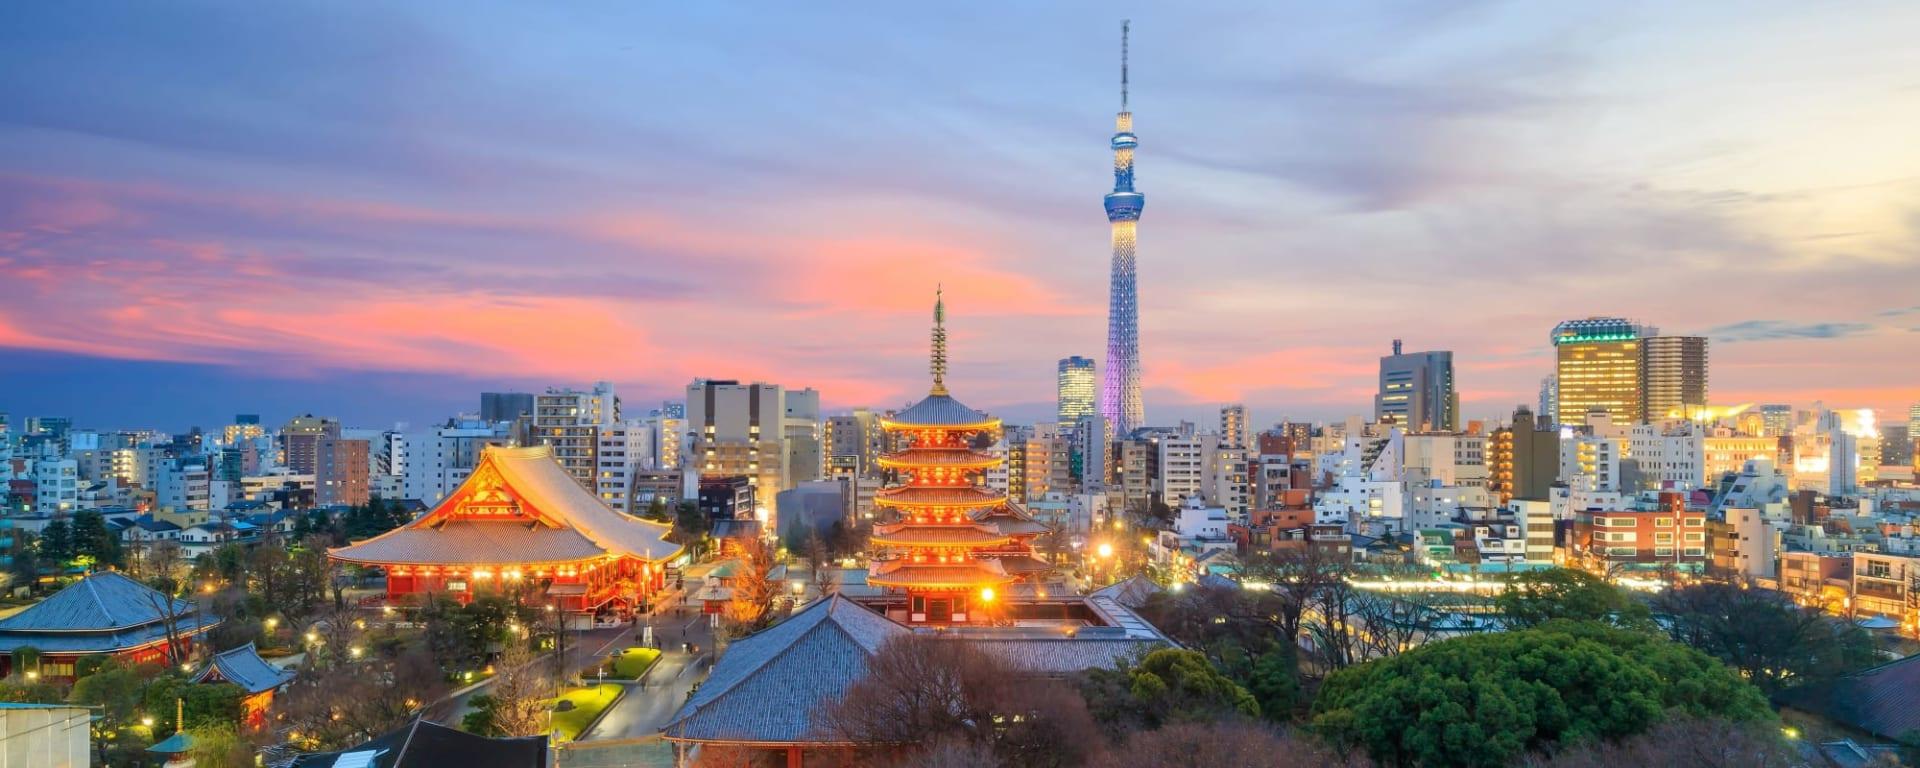 Stadtrundfahrt Tokio, EN, Ganztägig: Japan Tokio Skyline